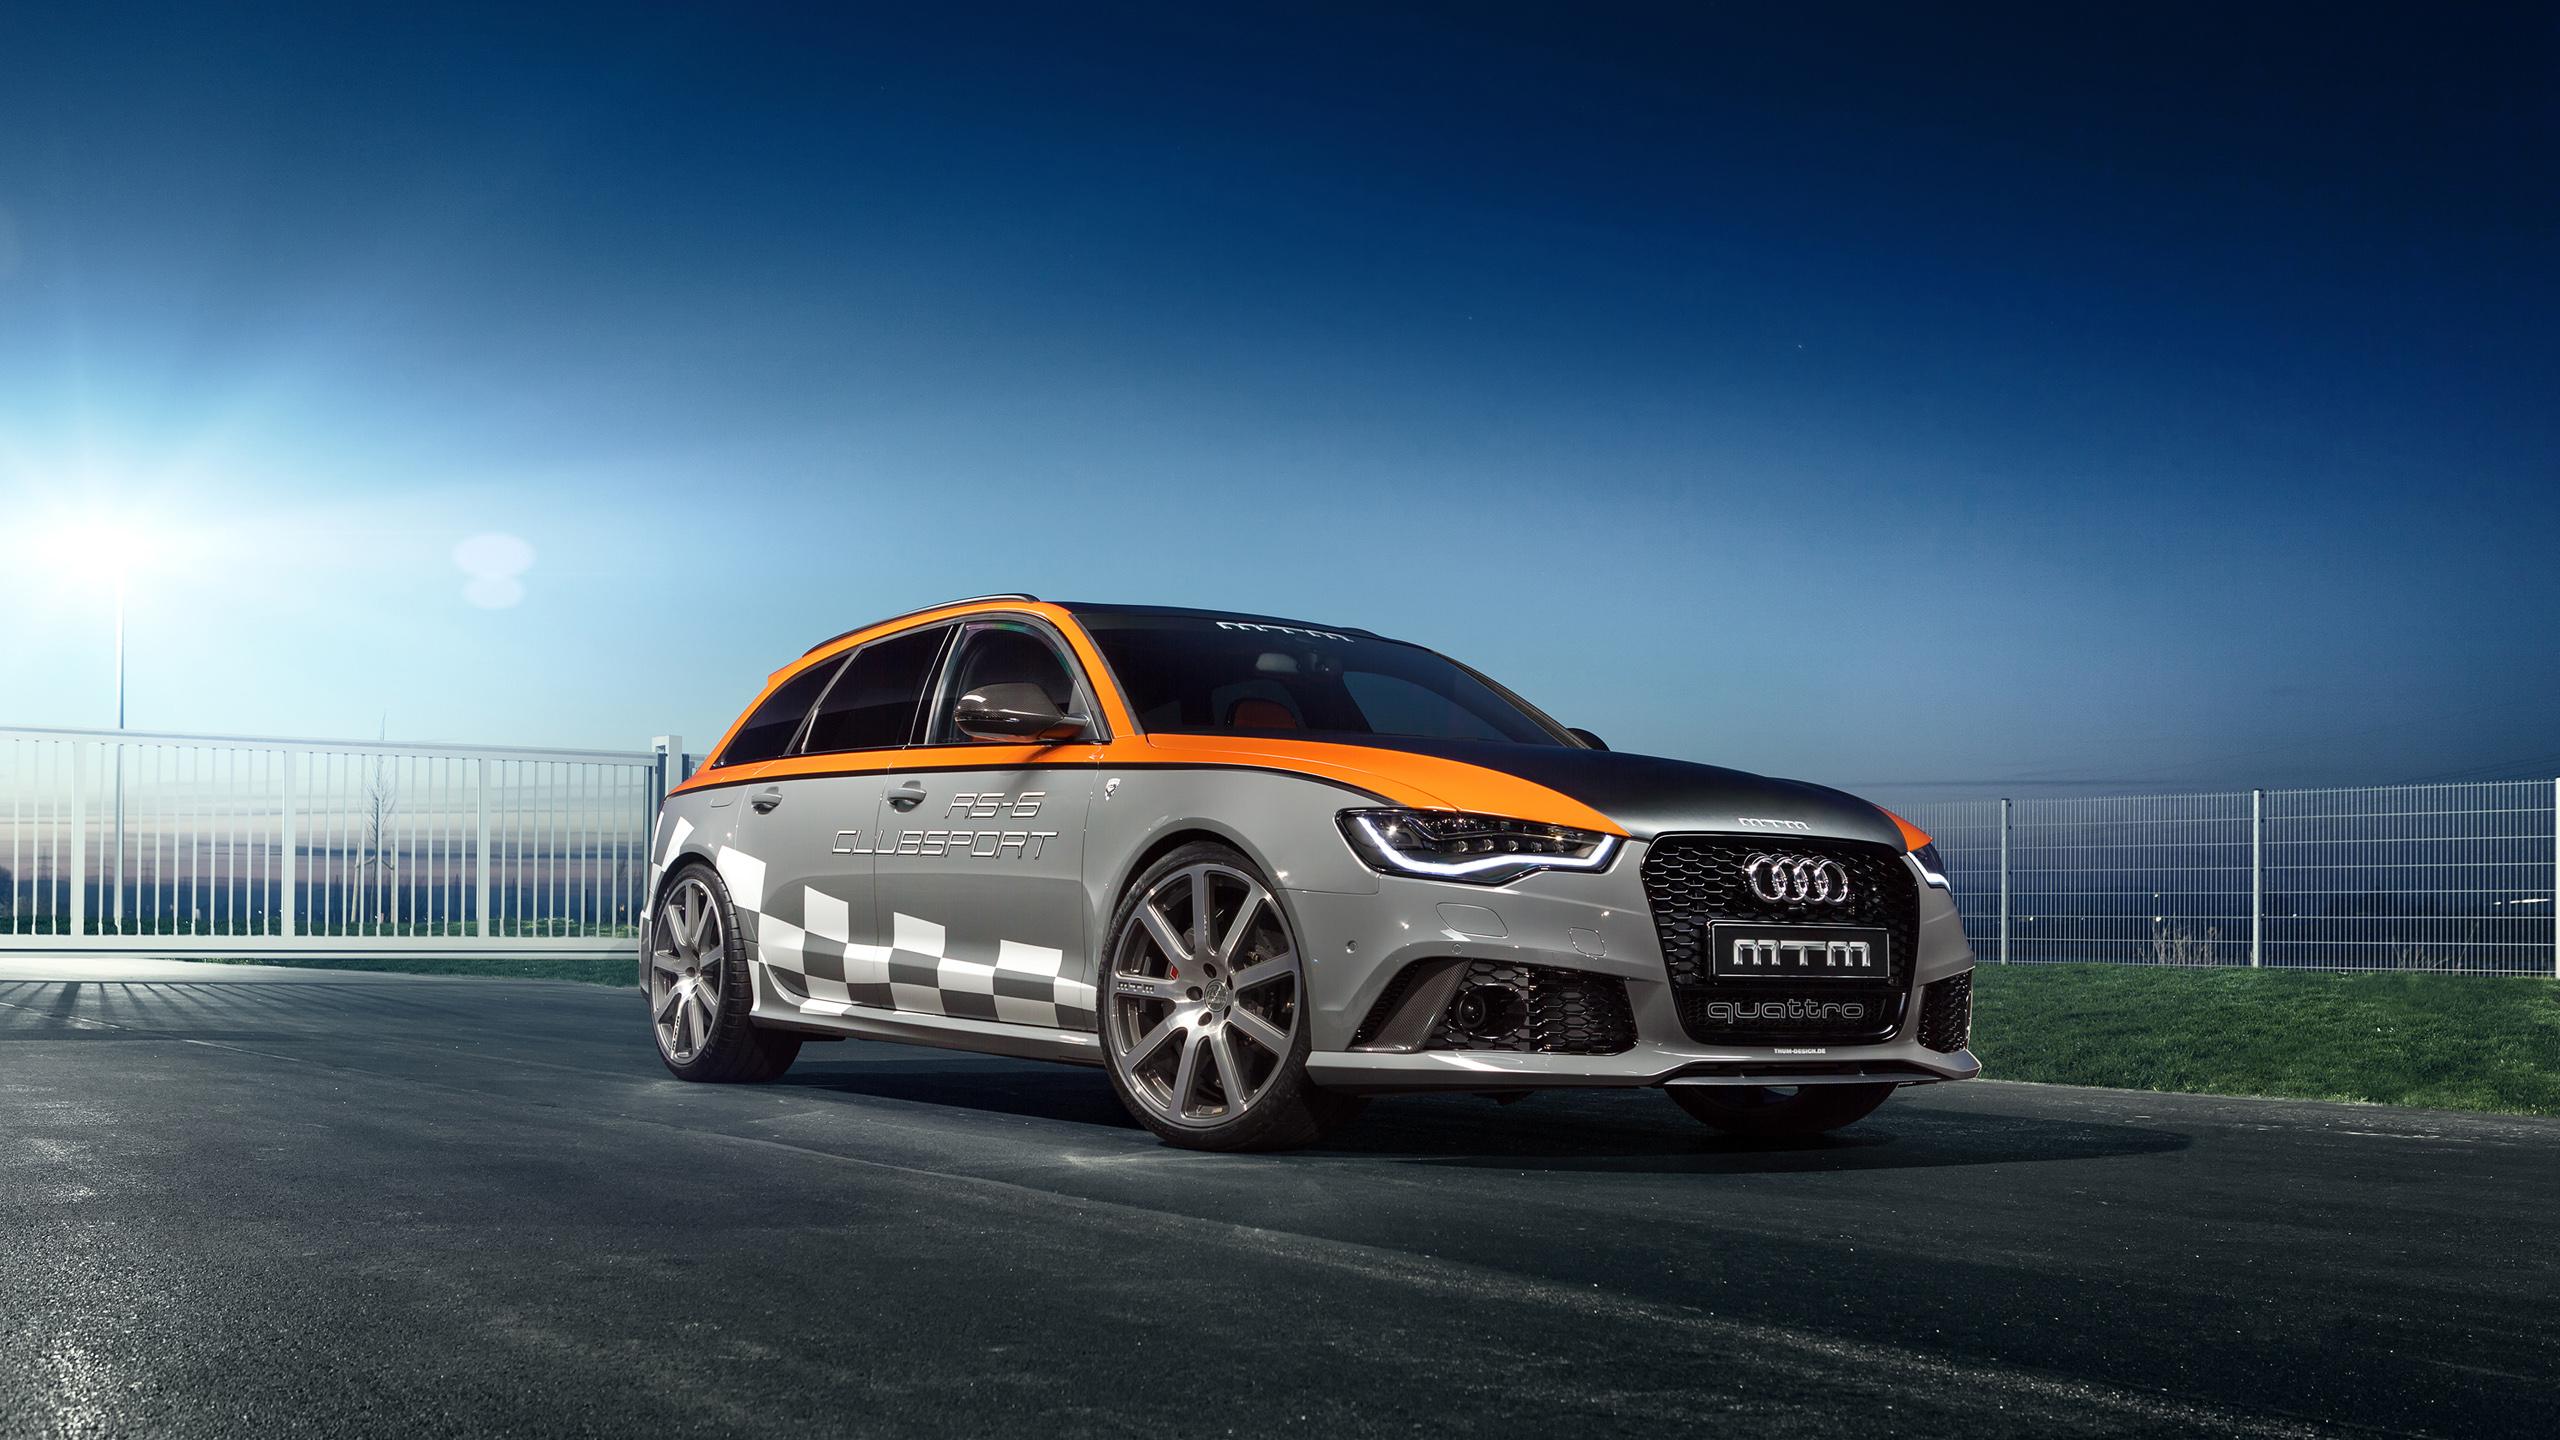 2015 Mtm Audi Rs6 Avant Wallpaper Hd Car Wallpapers